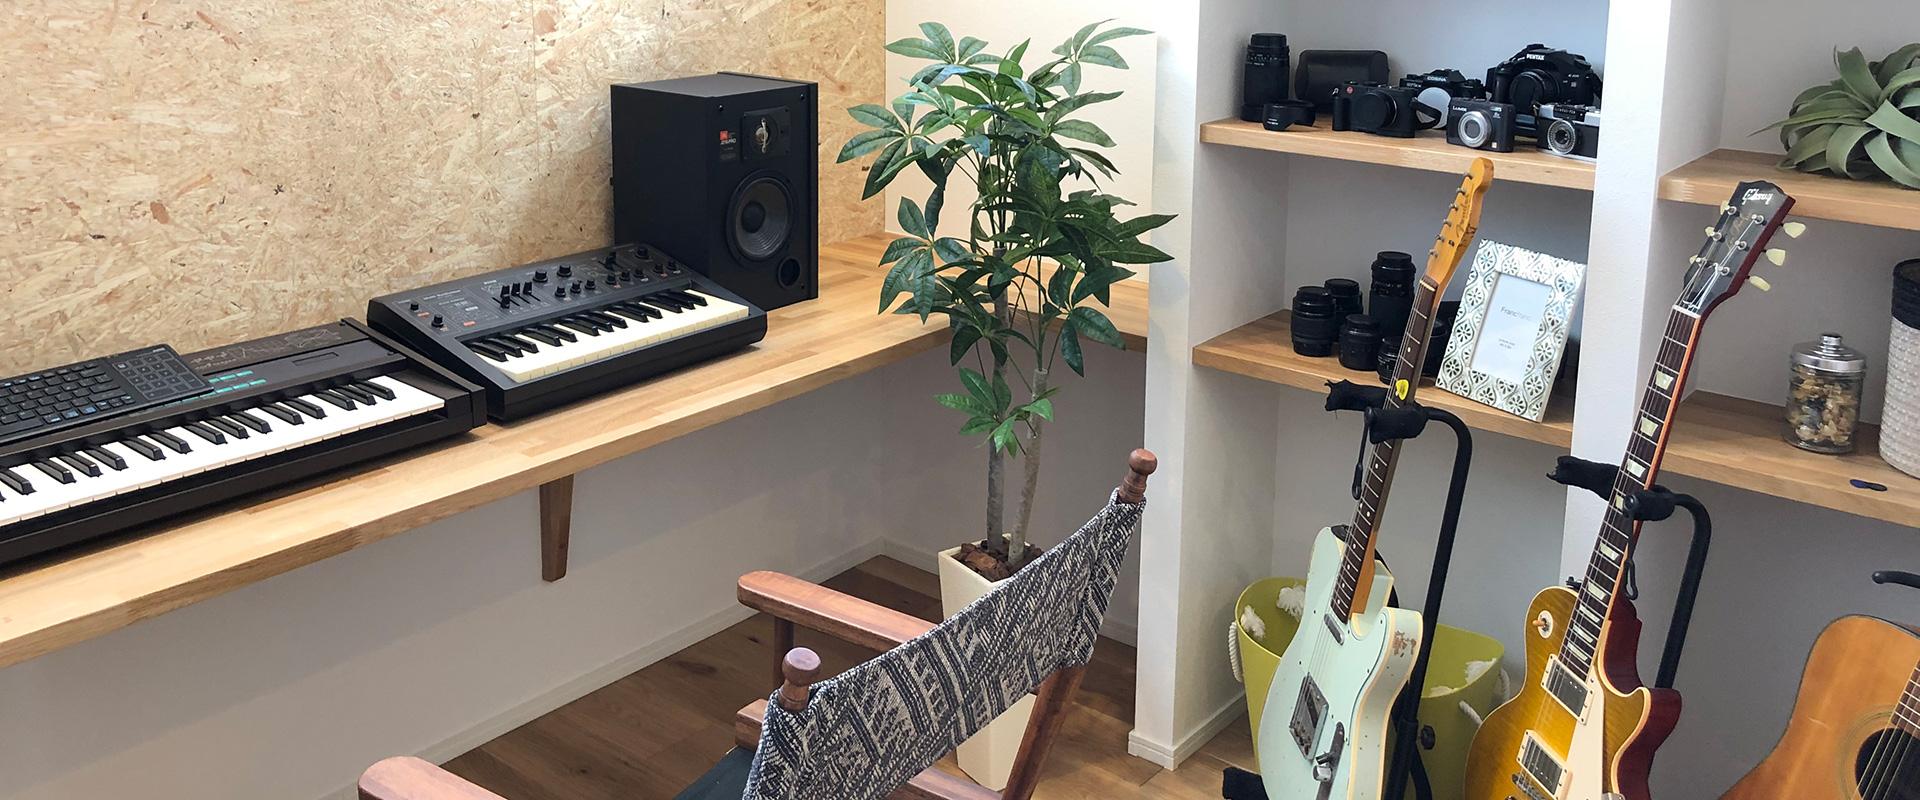 楽器やカメラの俺の部屋